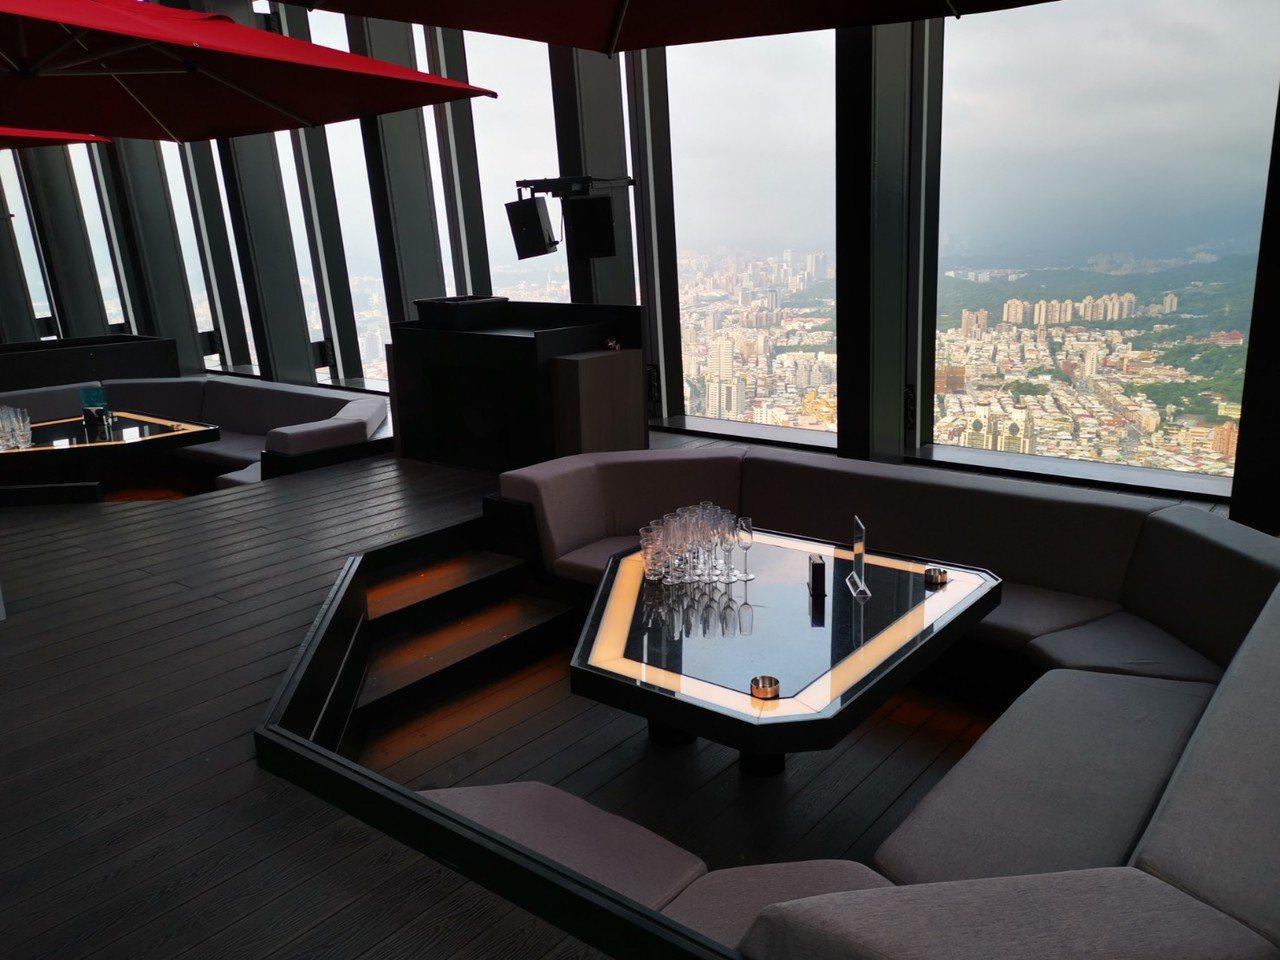 CÉ LA VI Taipei可俯瞰台北市,視野極佳。記者韓化宇/攝影